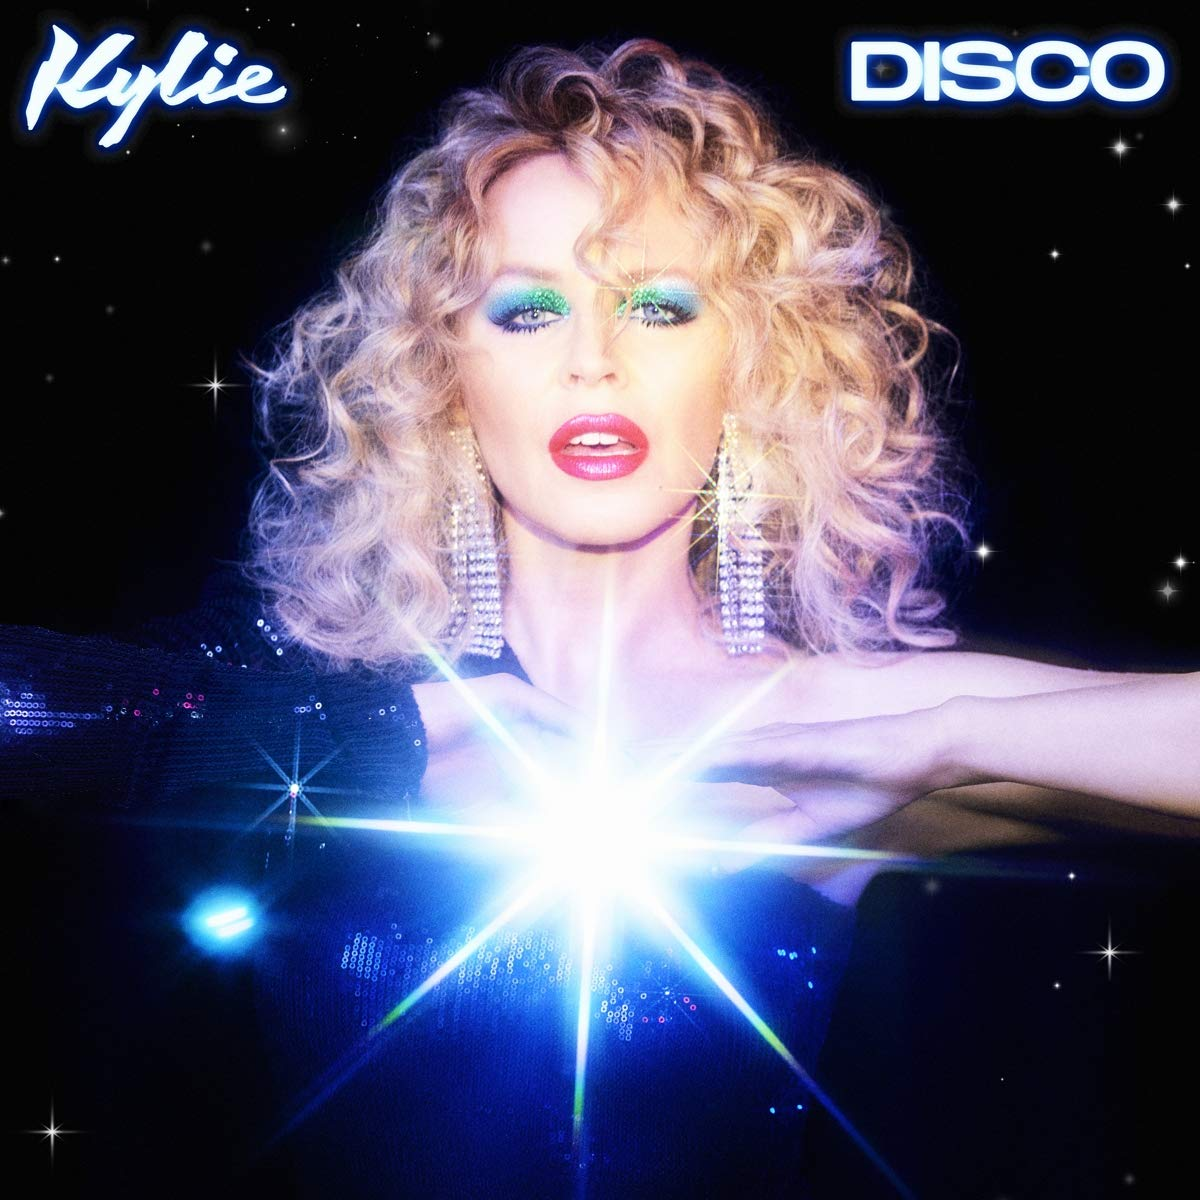 Copertina Vinile 33 giri Disco [2 LP] di Kylie Minogue